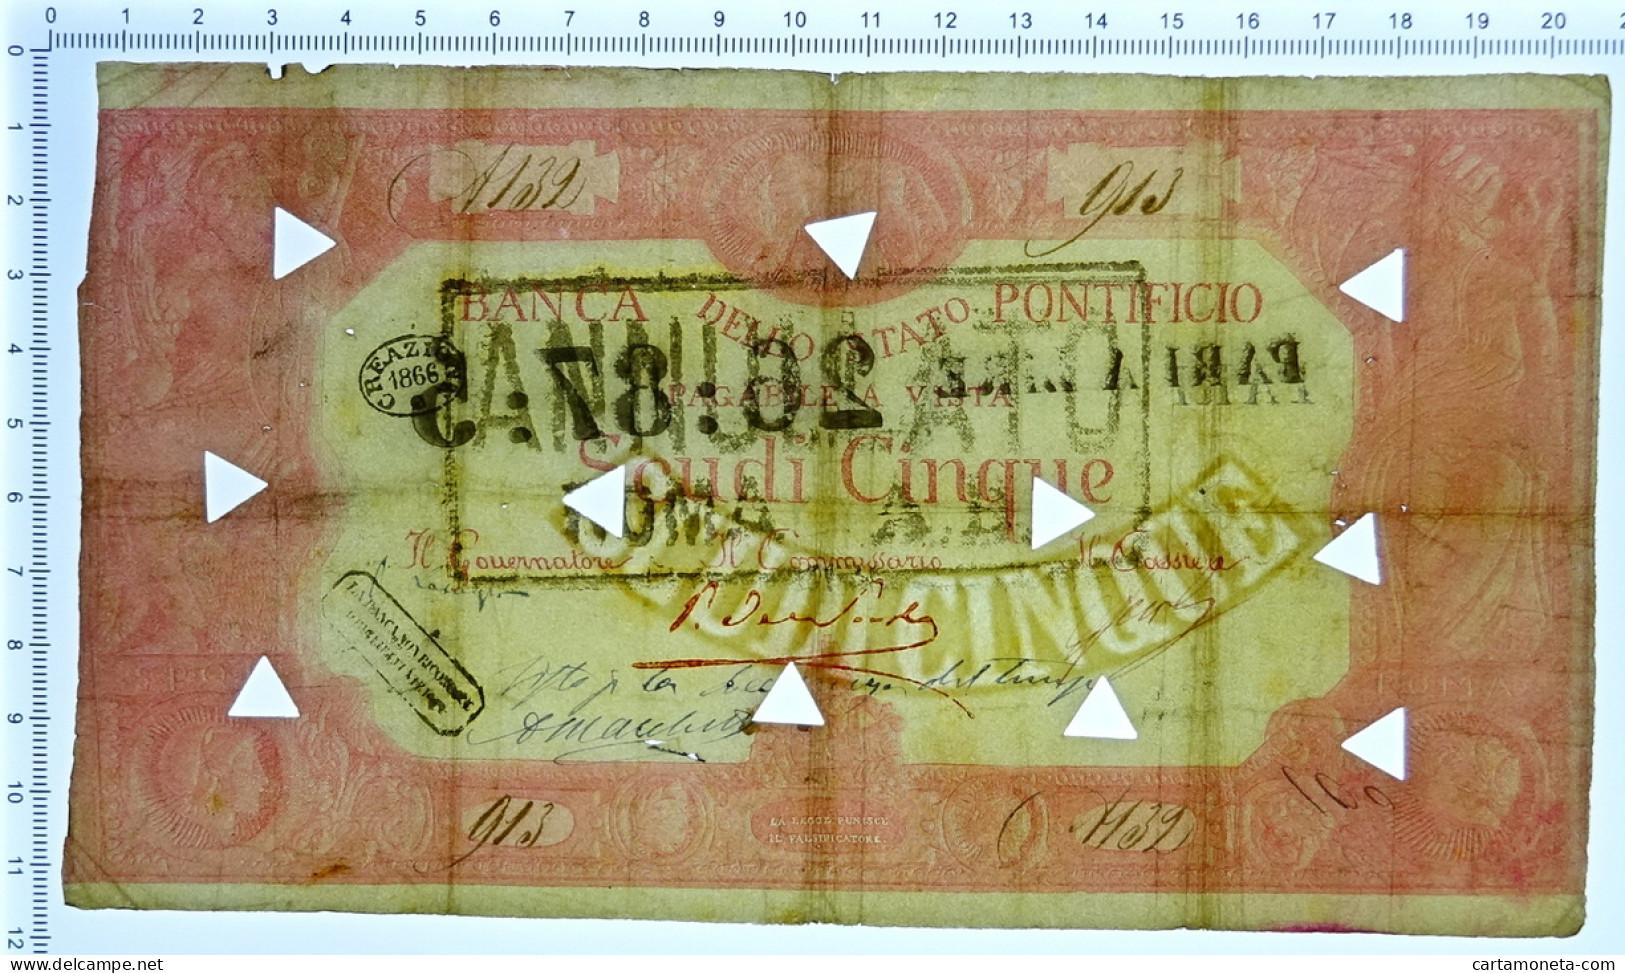 5 SCUDI BANCA DELLO STATO PONTIFICIO UNICO 1866 MB - Altri